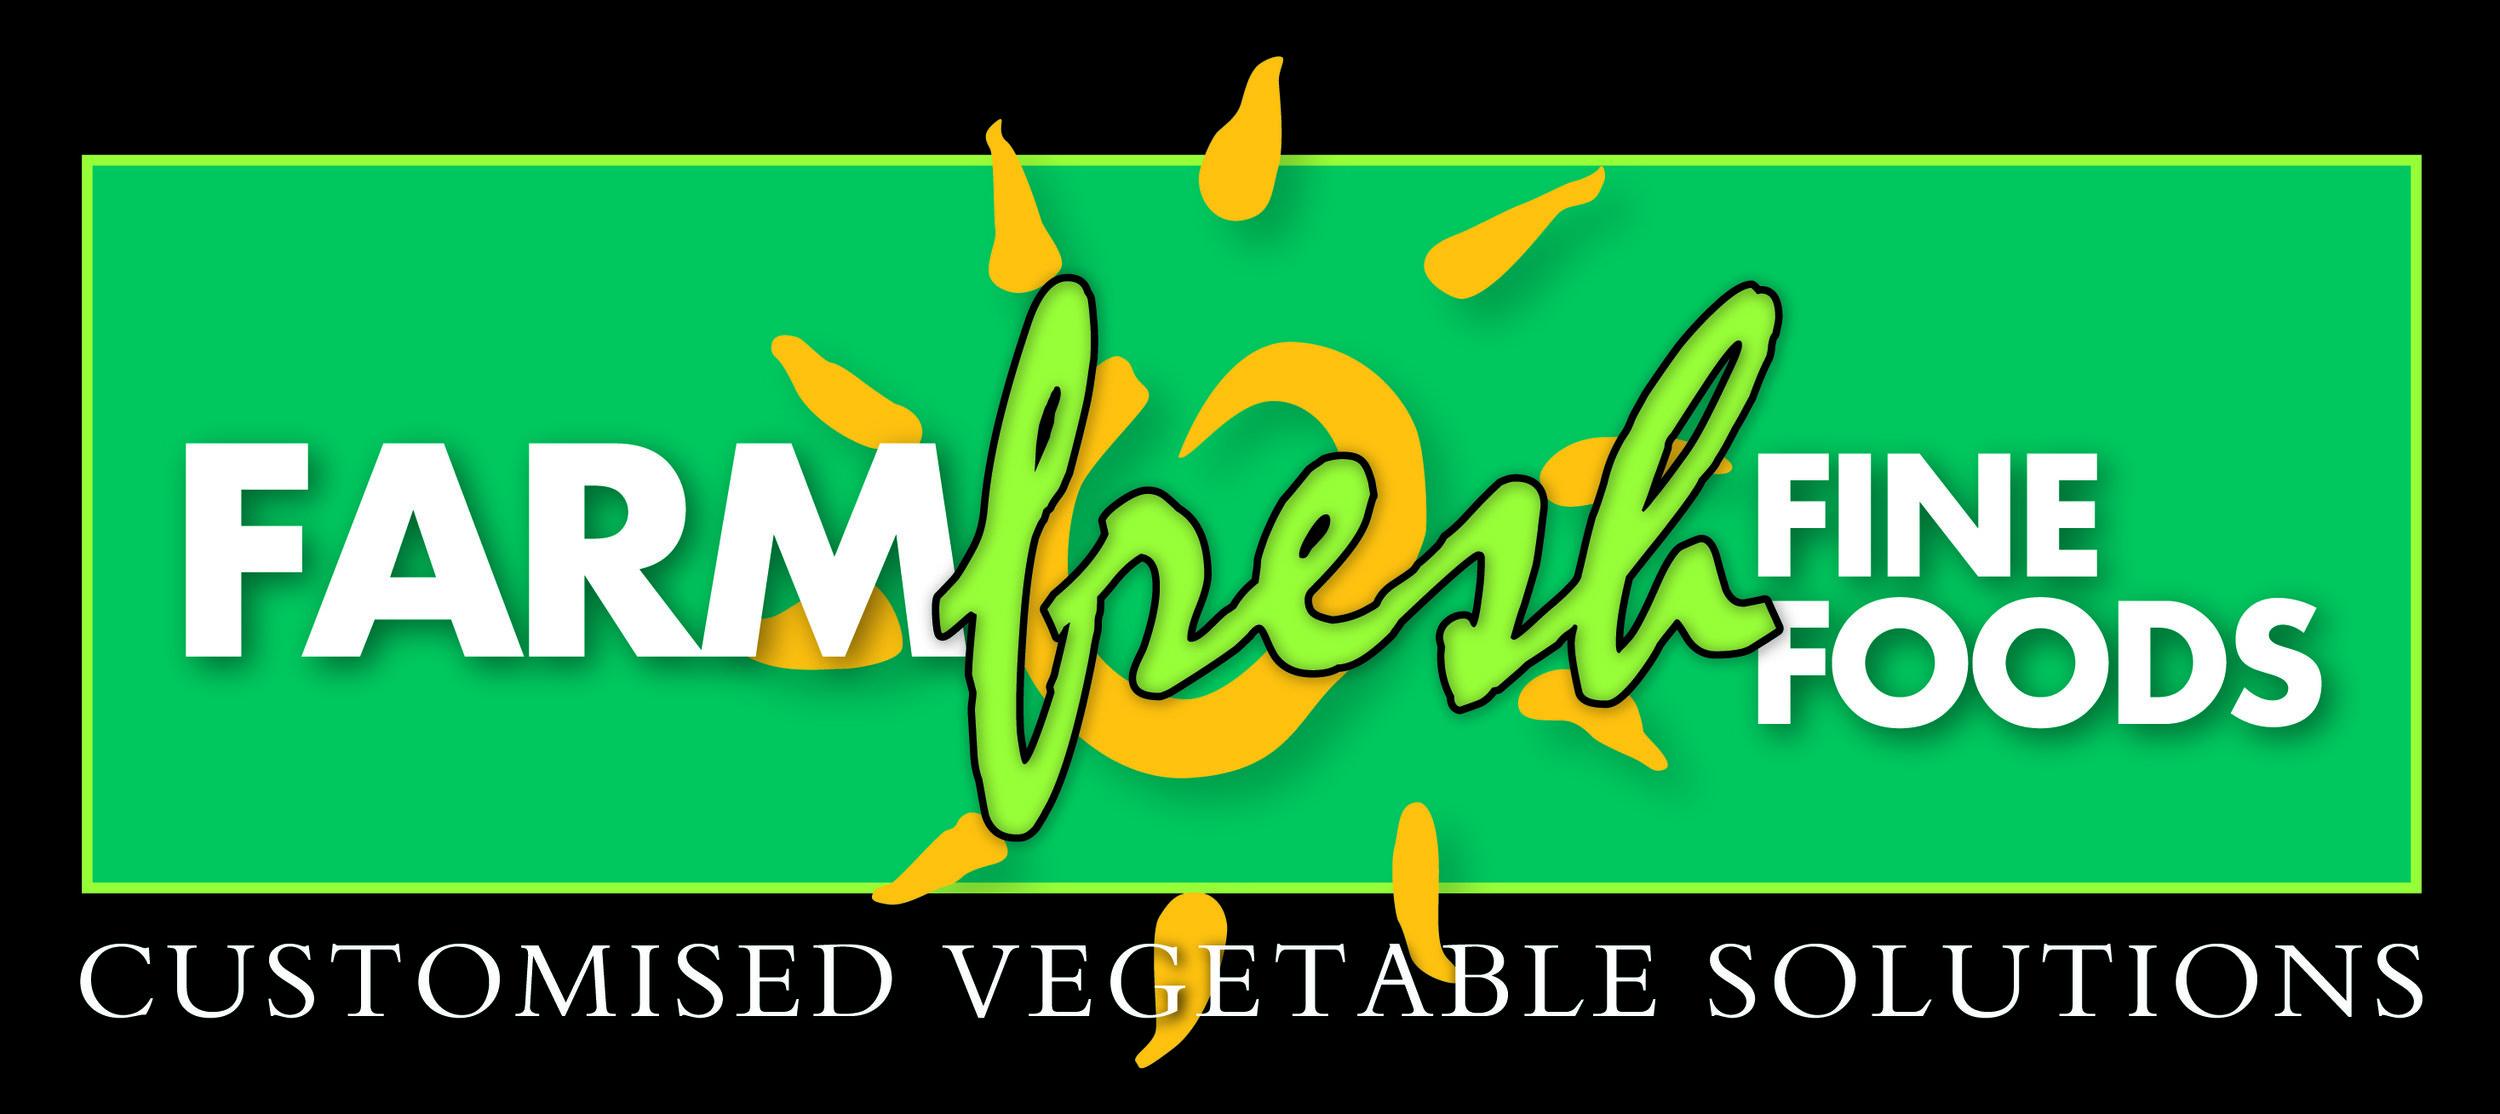 Farm Fresh Fine Foods